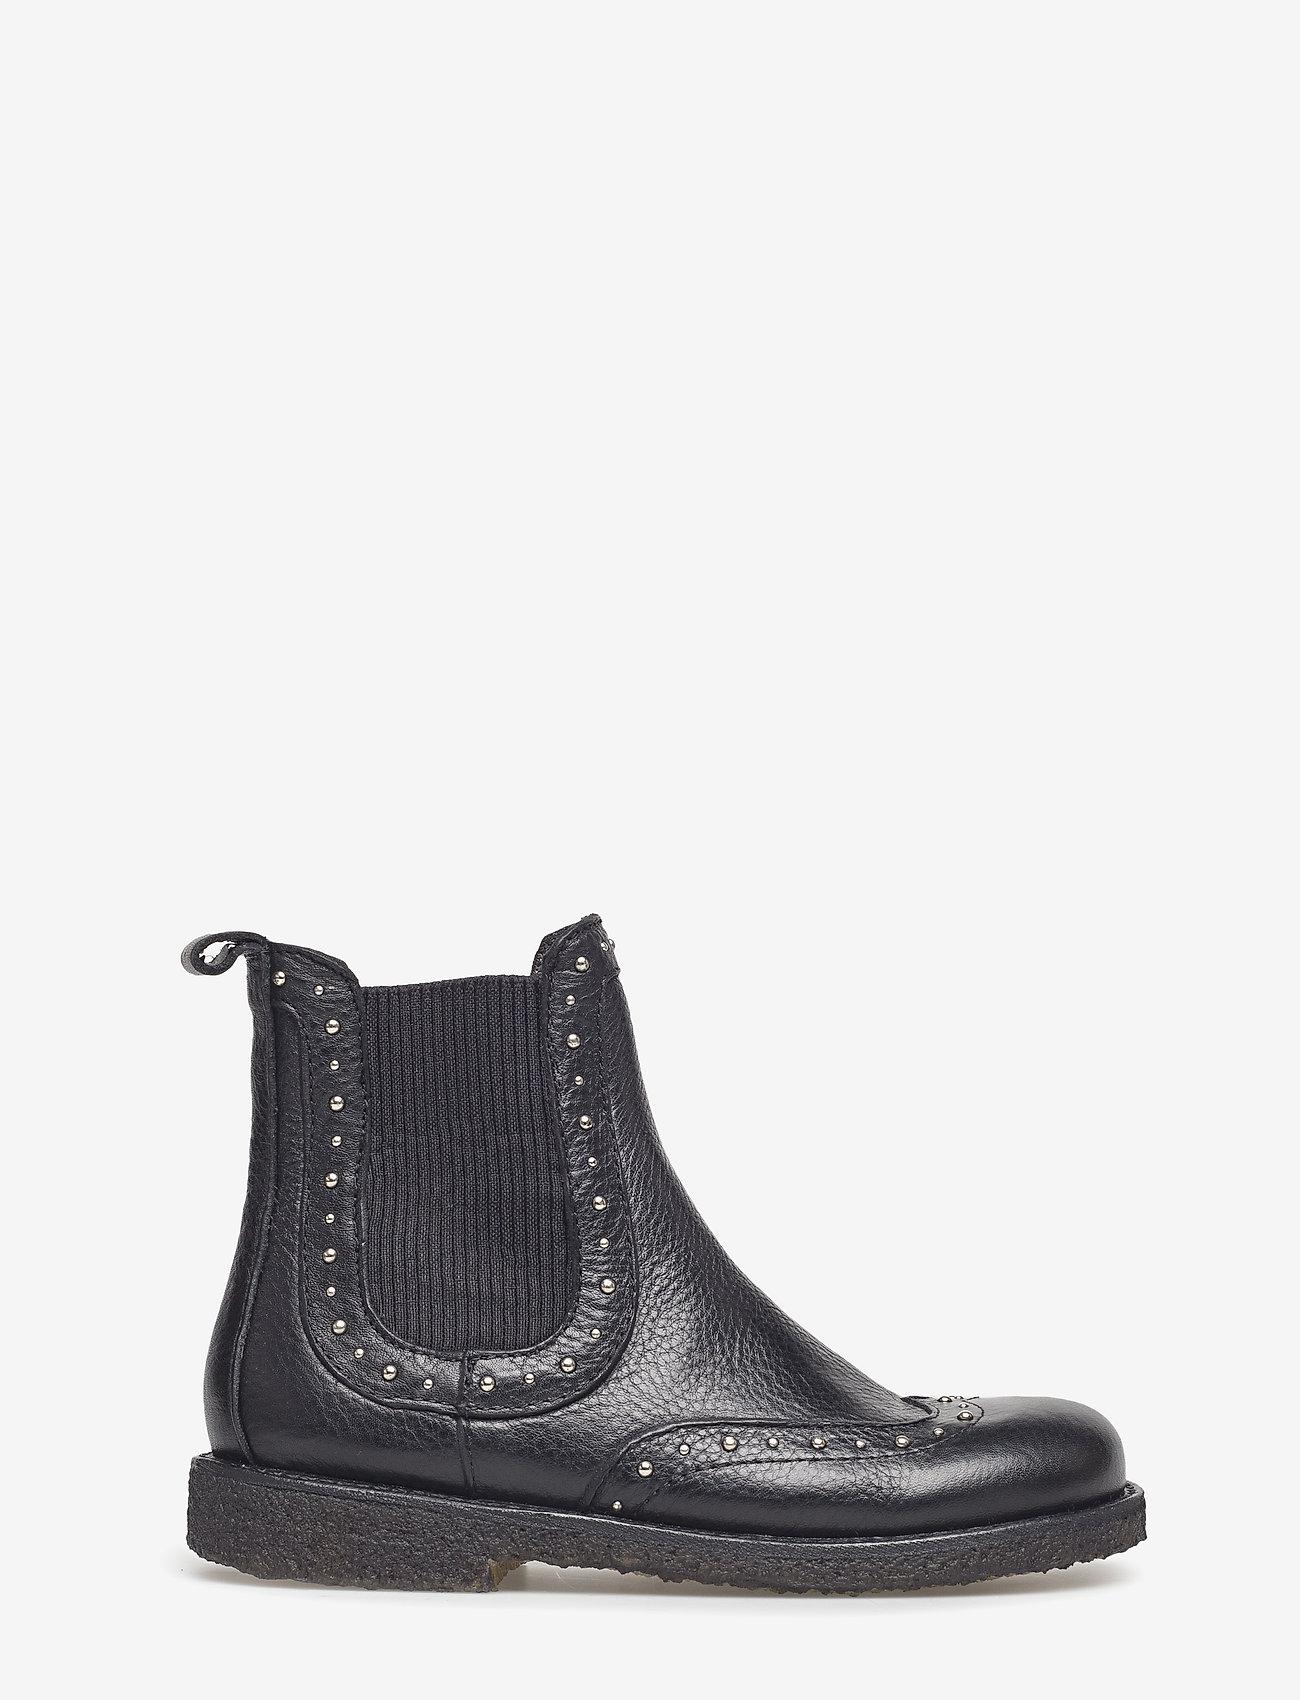 ANGULUS - Booties - flat - with elastic - laarzen - 1933/019 black/black - 1